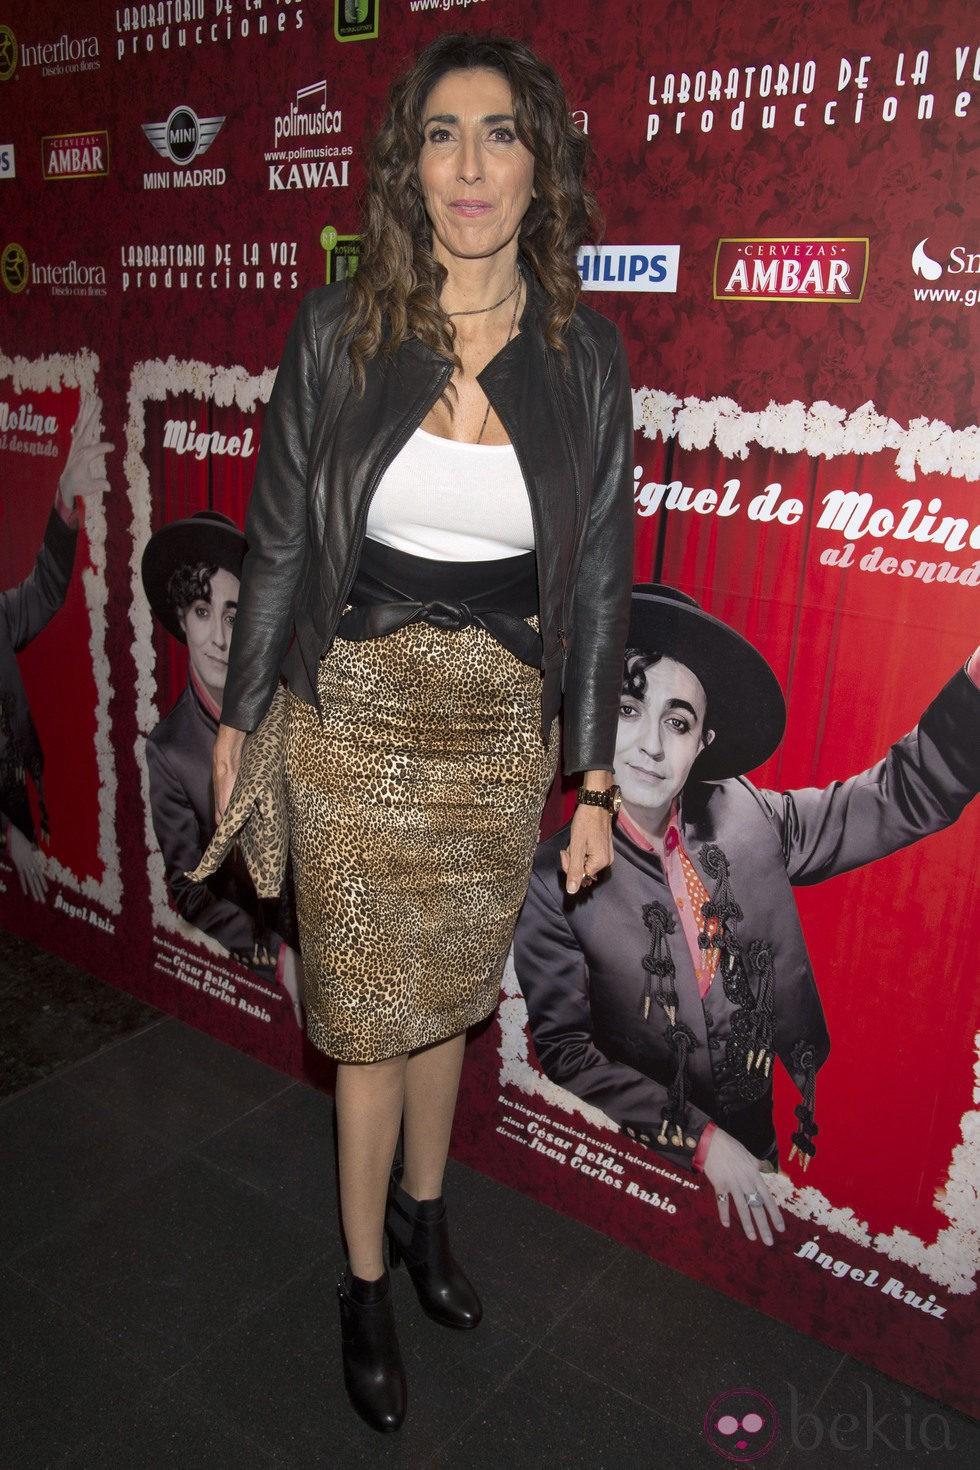 Paz Padilla en el estreno de 'Miguel de Molina al desnudo'